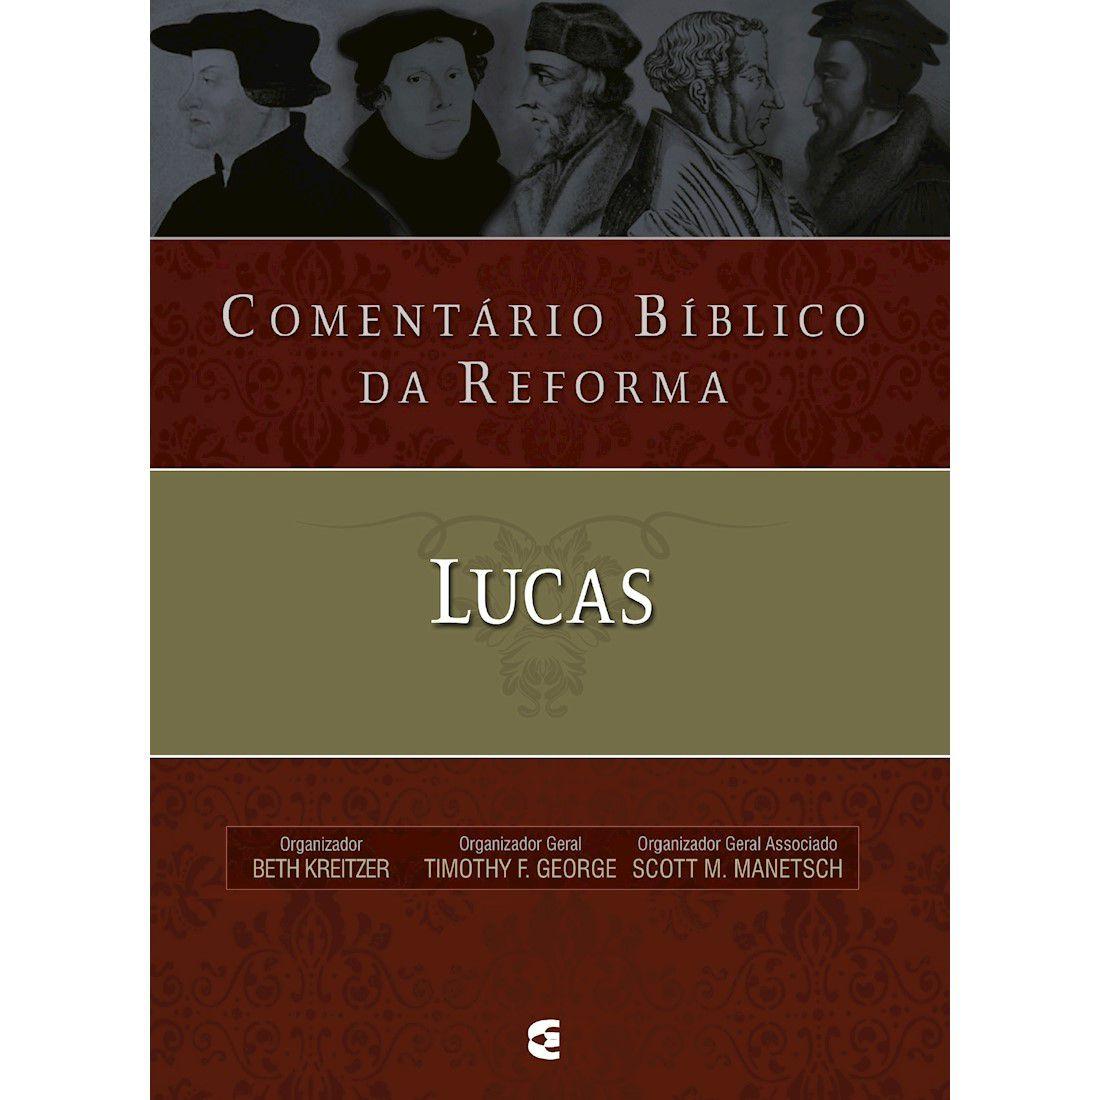 Livro Comentário Bíblico da Reforma - Lucas